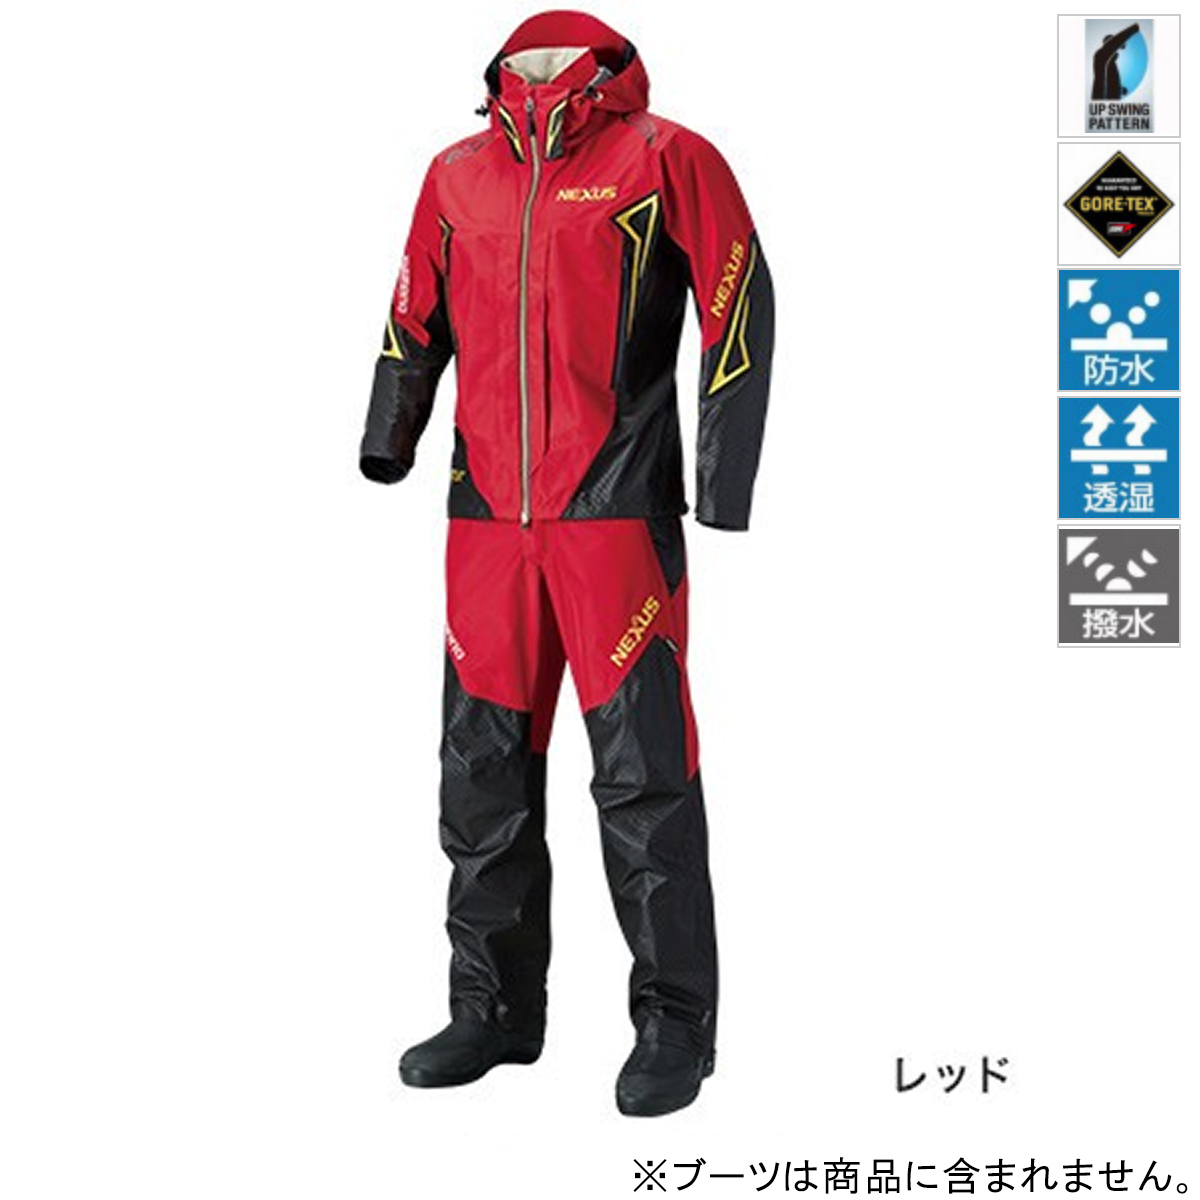 シマノ NEXUS GORE-TEX レインスーツ EX RA-119R M レッド(東日本店)